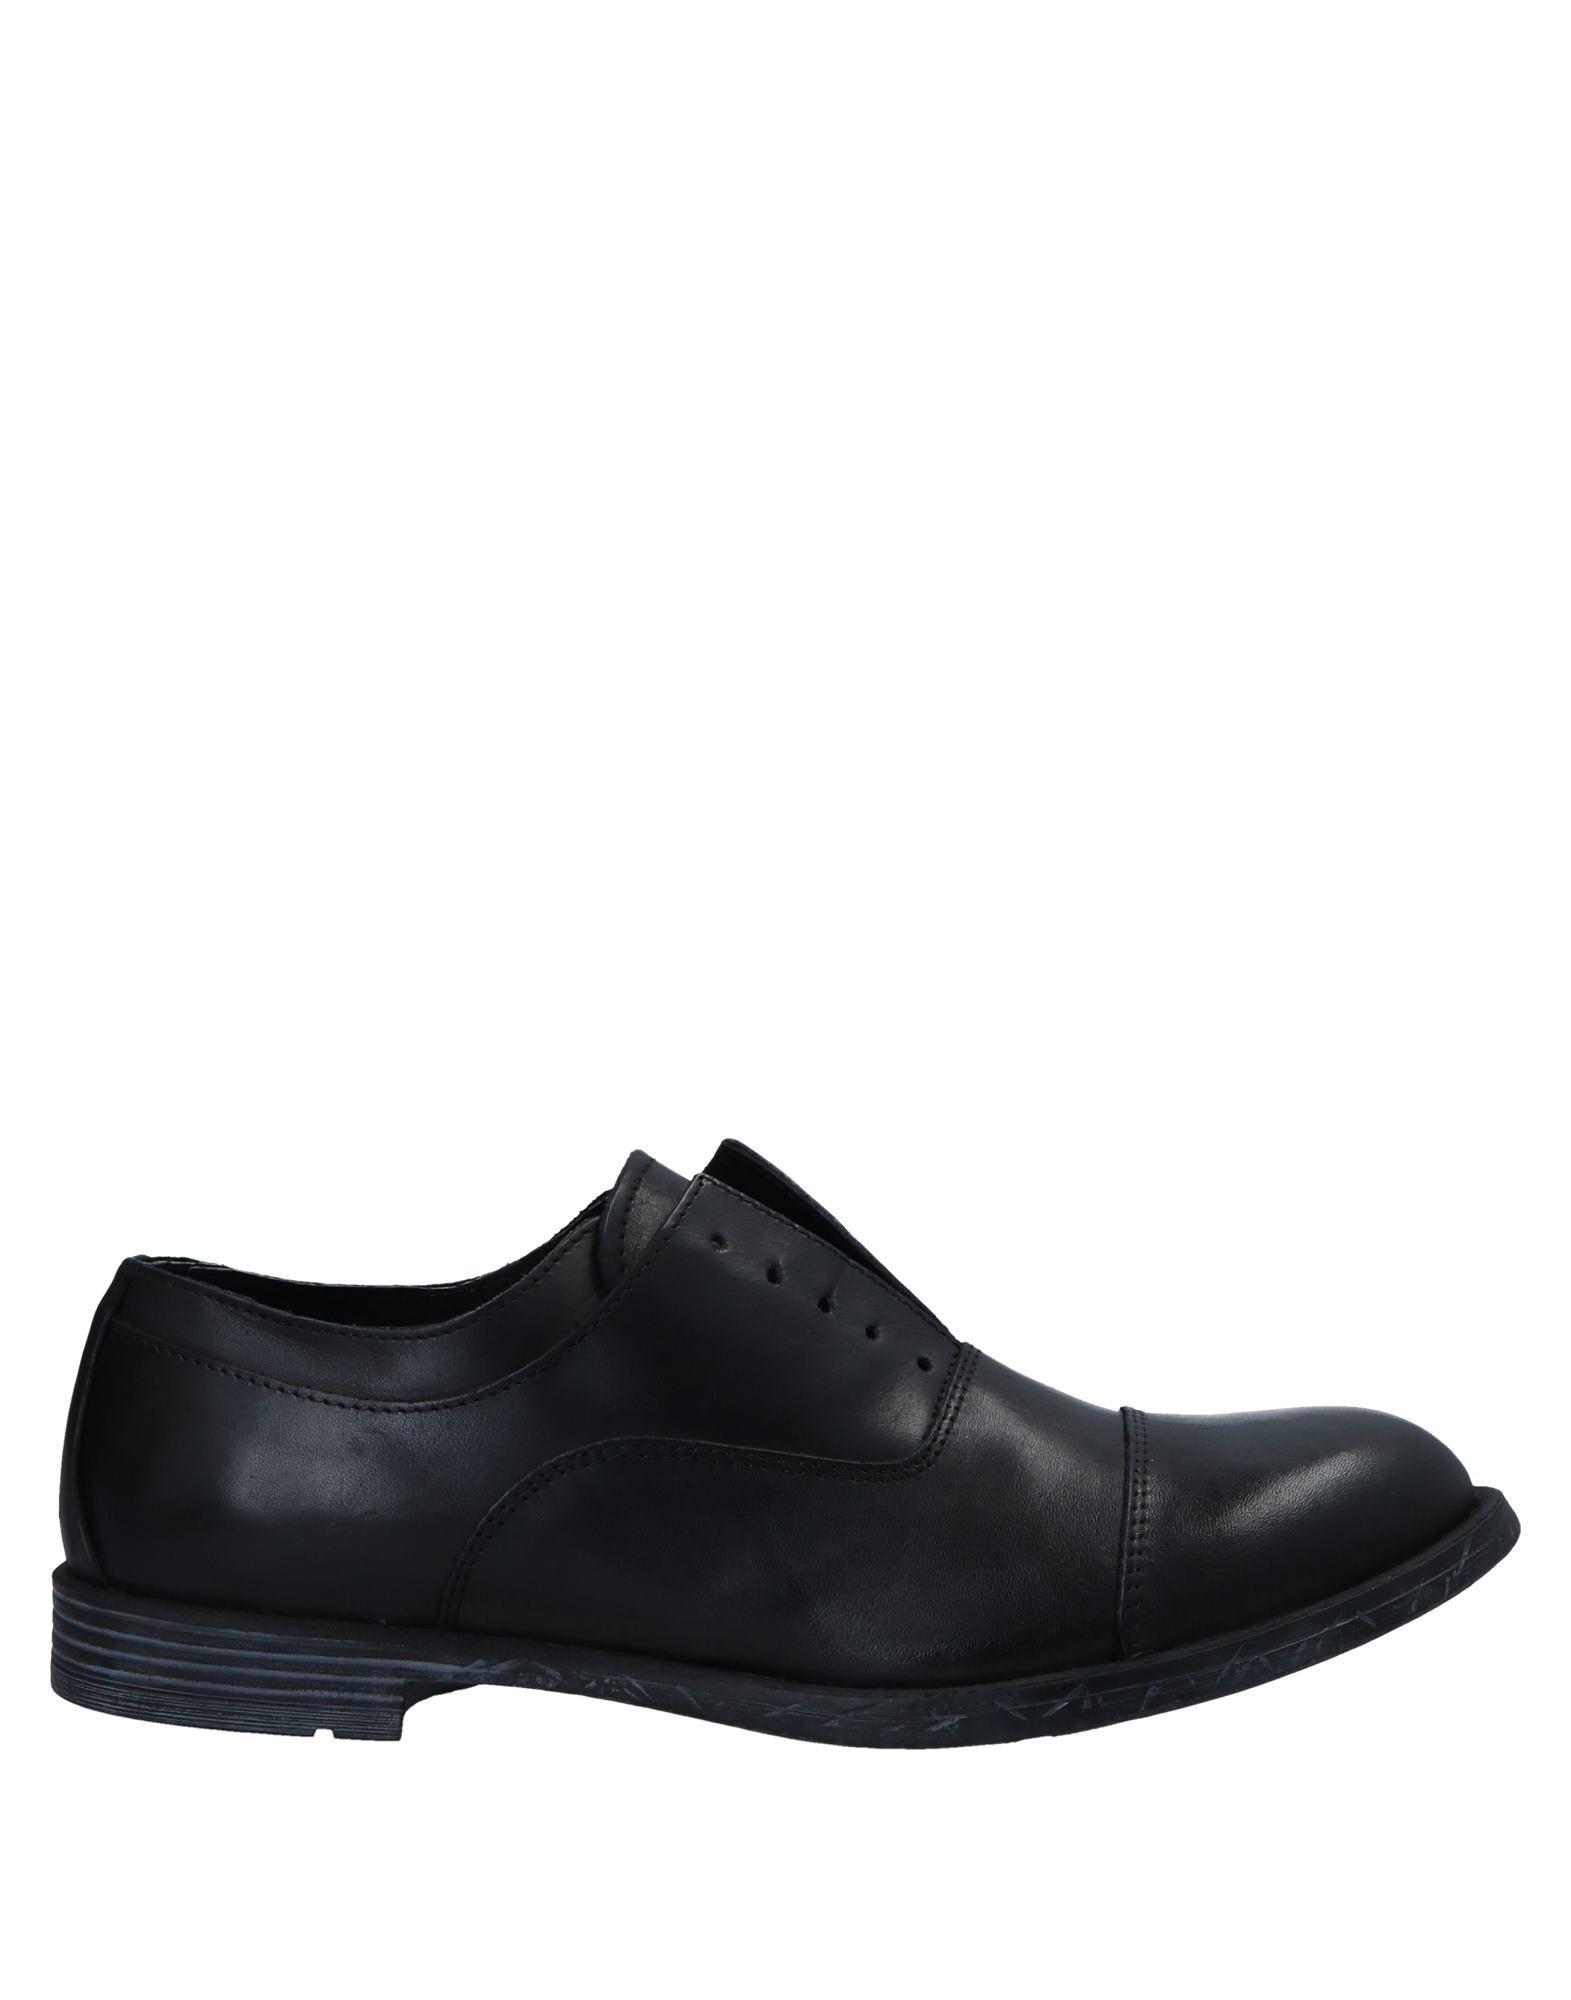 Bruno Verri Mokassins Herren  11555196VJ Gute Qualität beliebte Schuhe